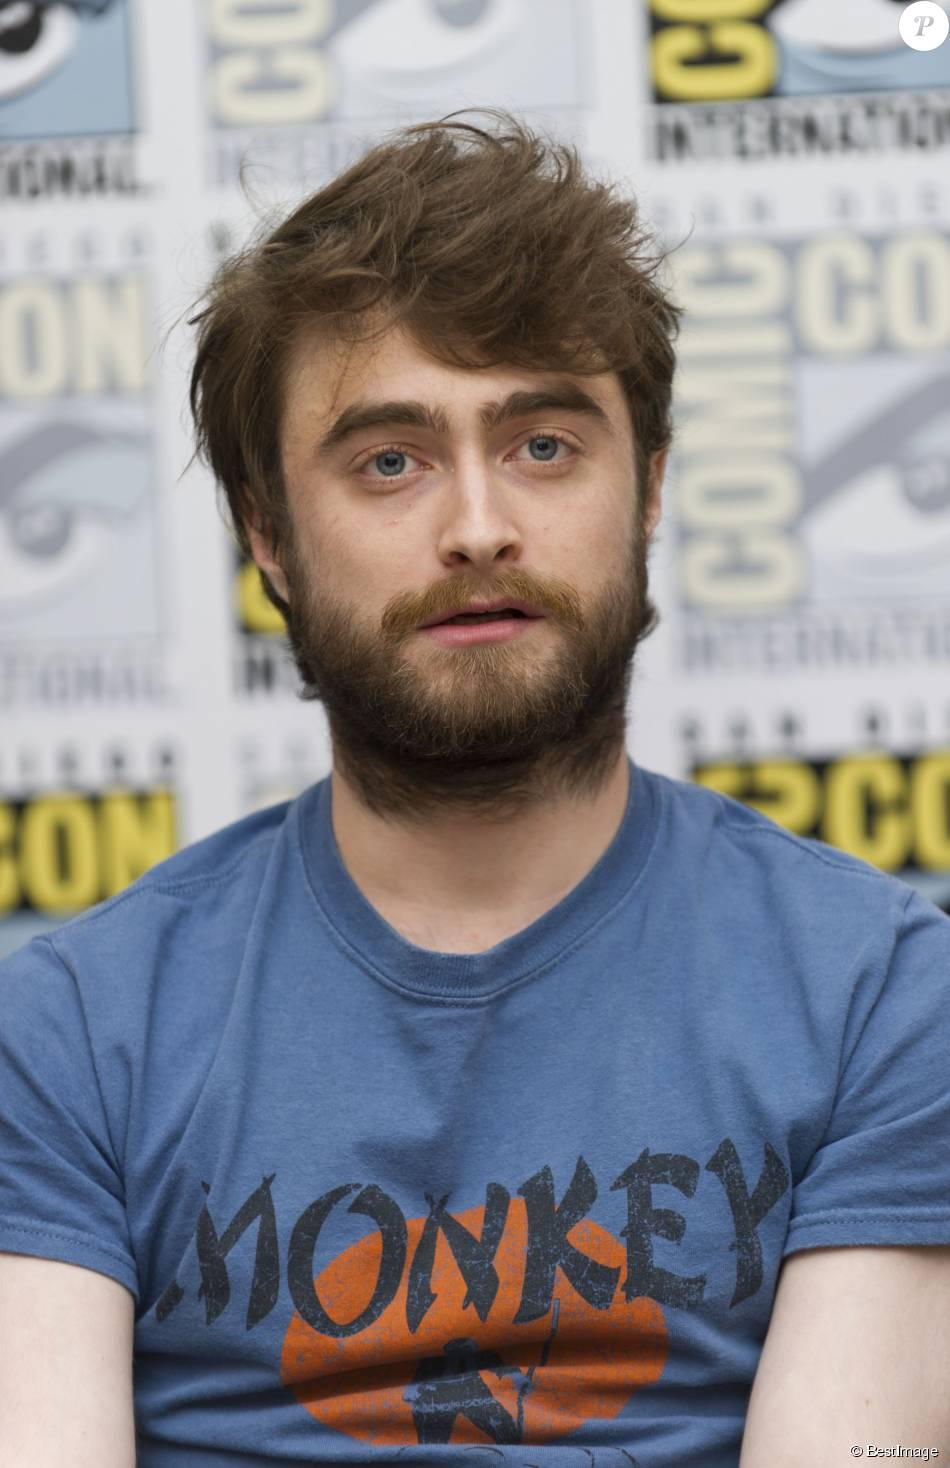 Daniel Radcliffe en conférence de presse au Comic-Con à San Diego le 11 juillet 2015